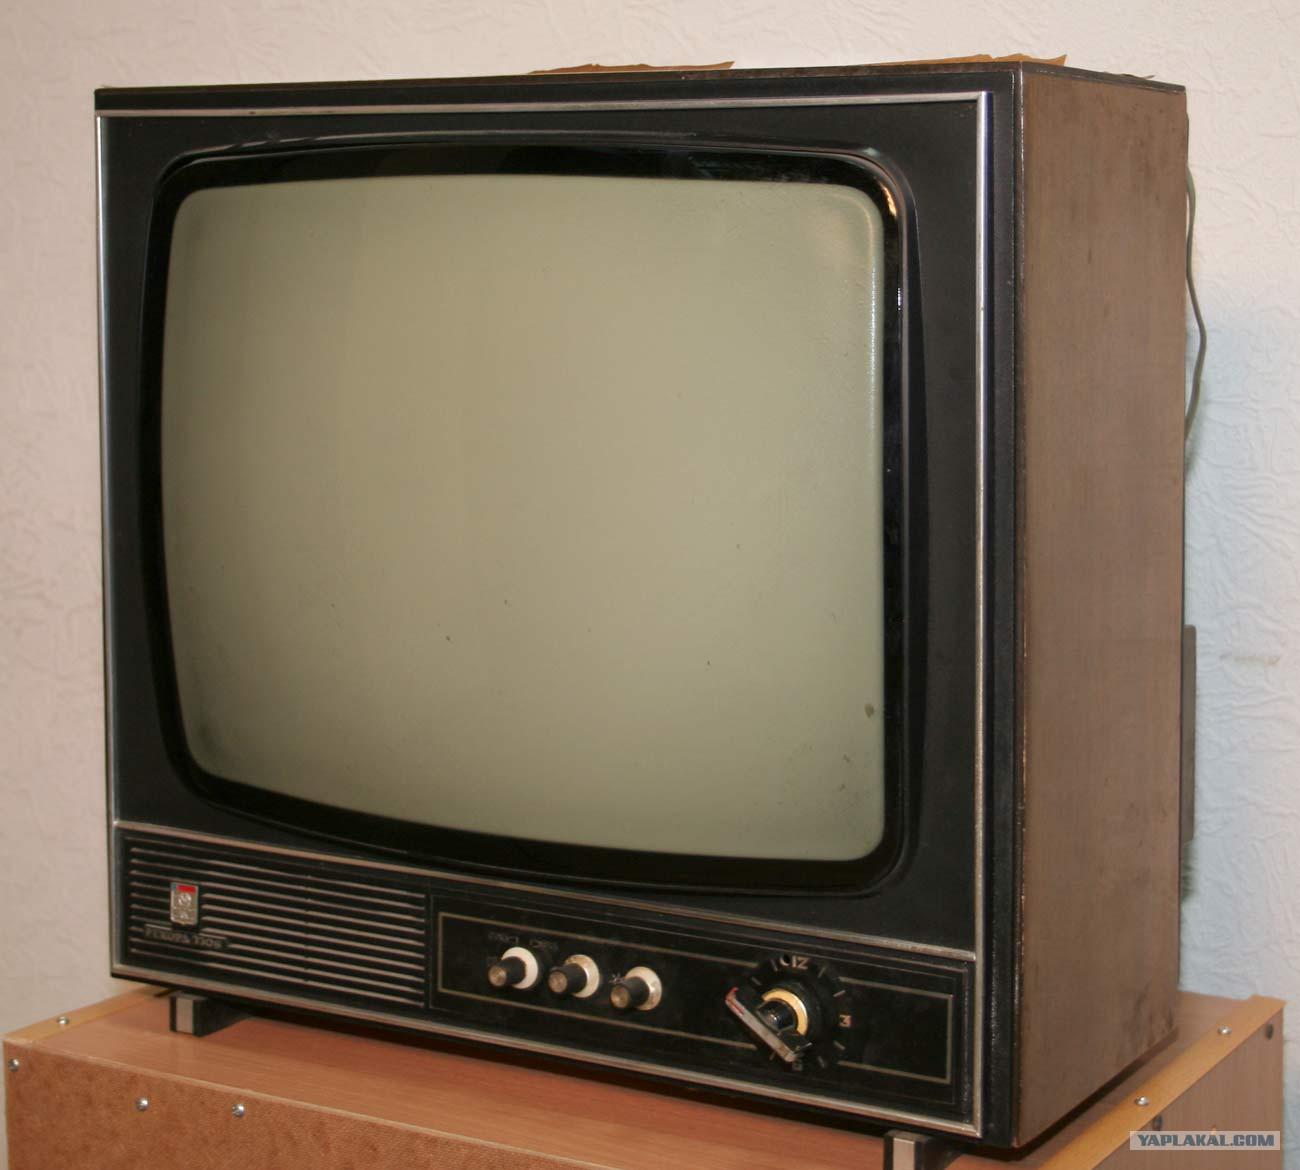 певицы этому советский черно-бекый телевизор рекорд купить на авито приобрести квартиру